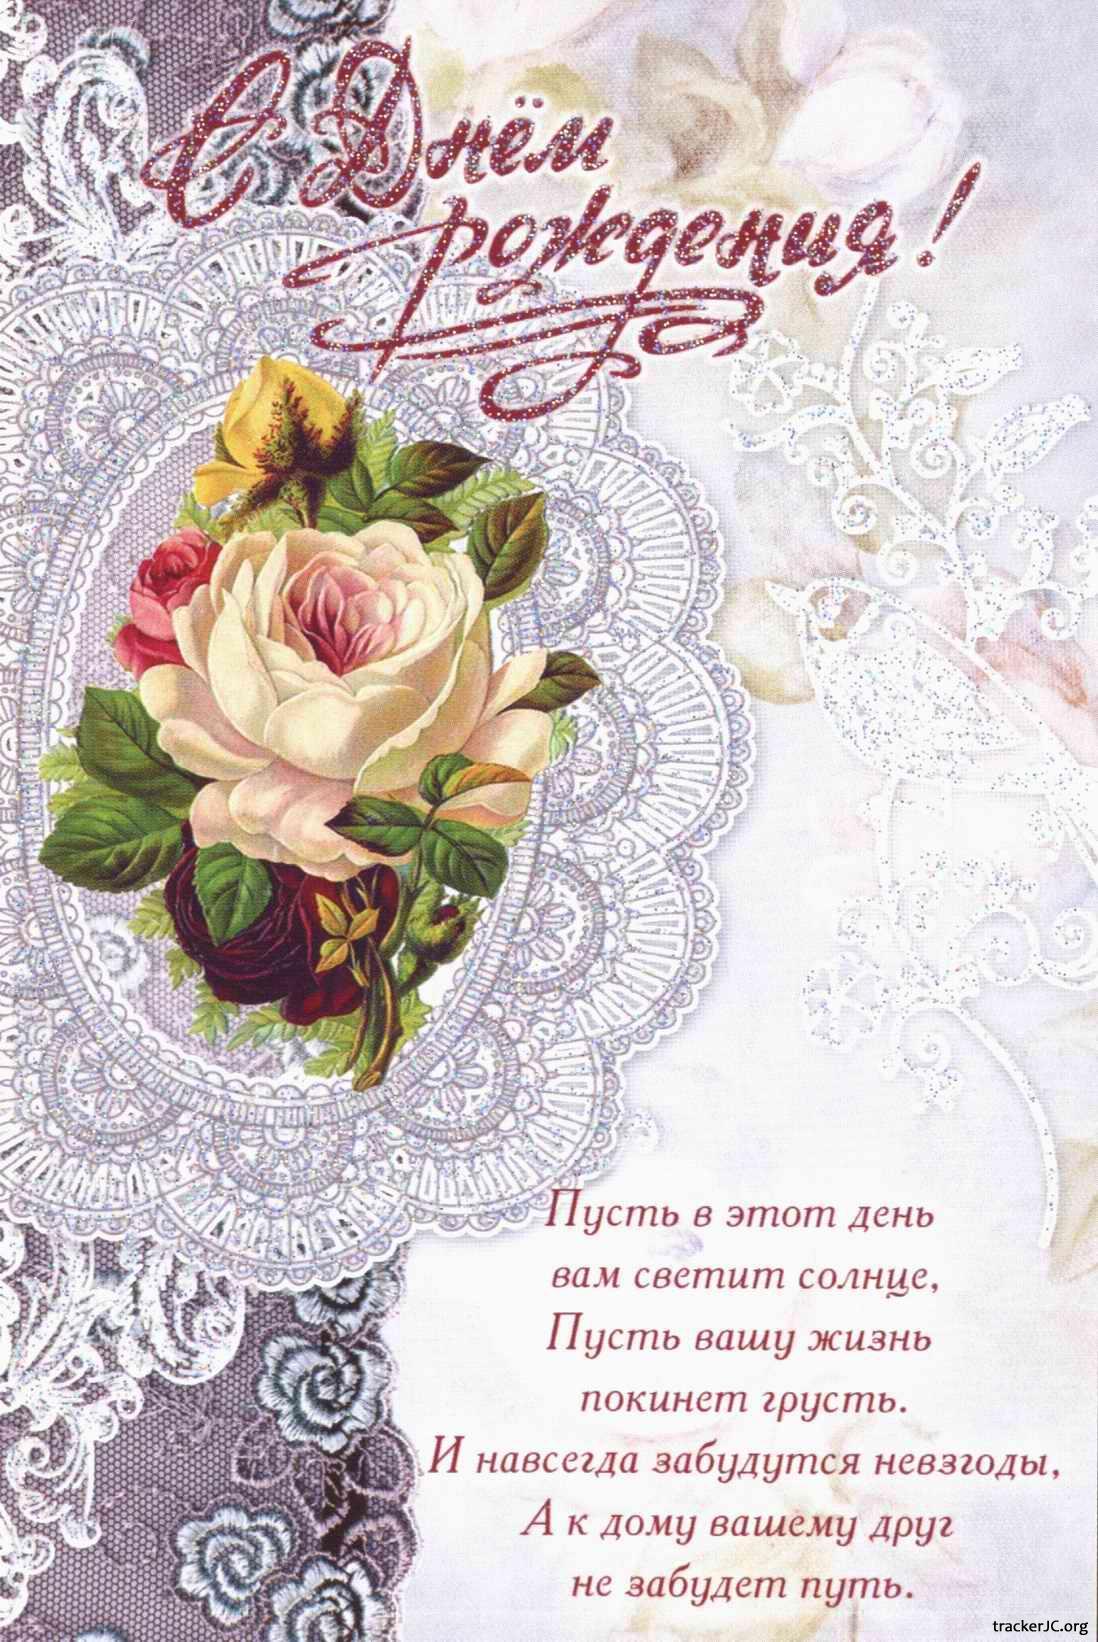 Смс поздравления с днем рождения с православной